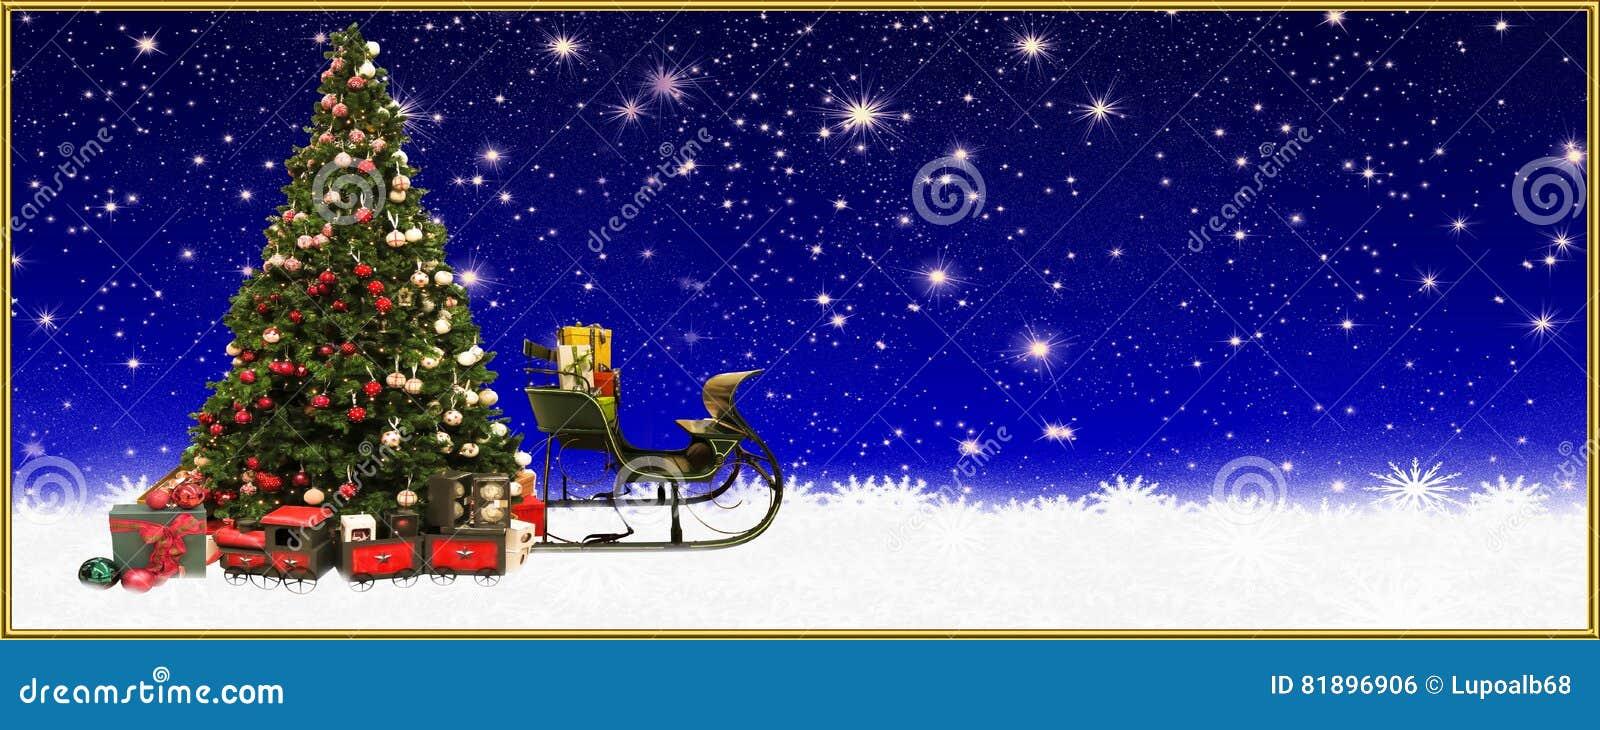 圣诞节:圣诞树和圣诞老人` s雪橇,横幅,背景